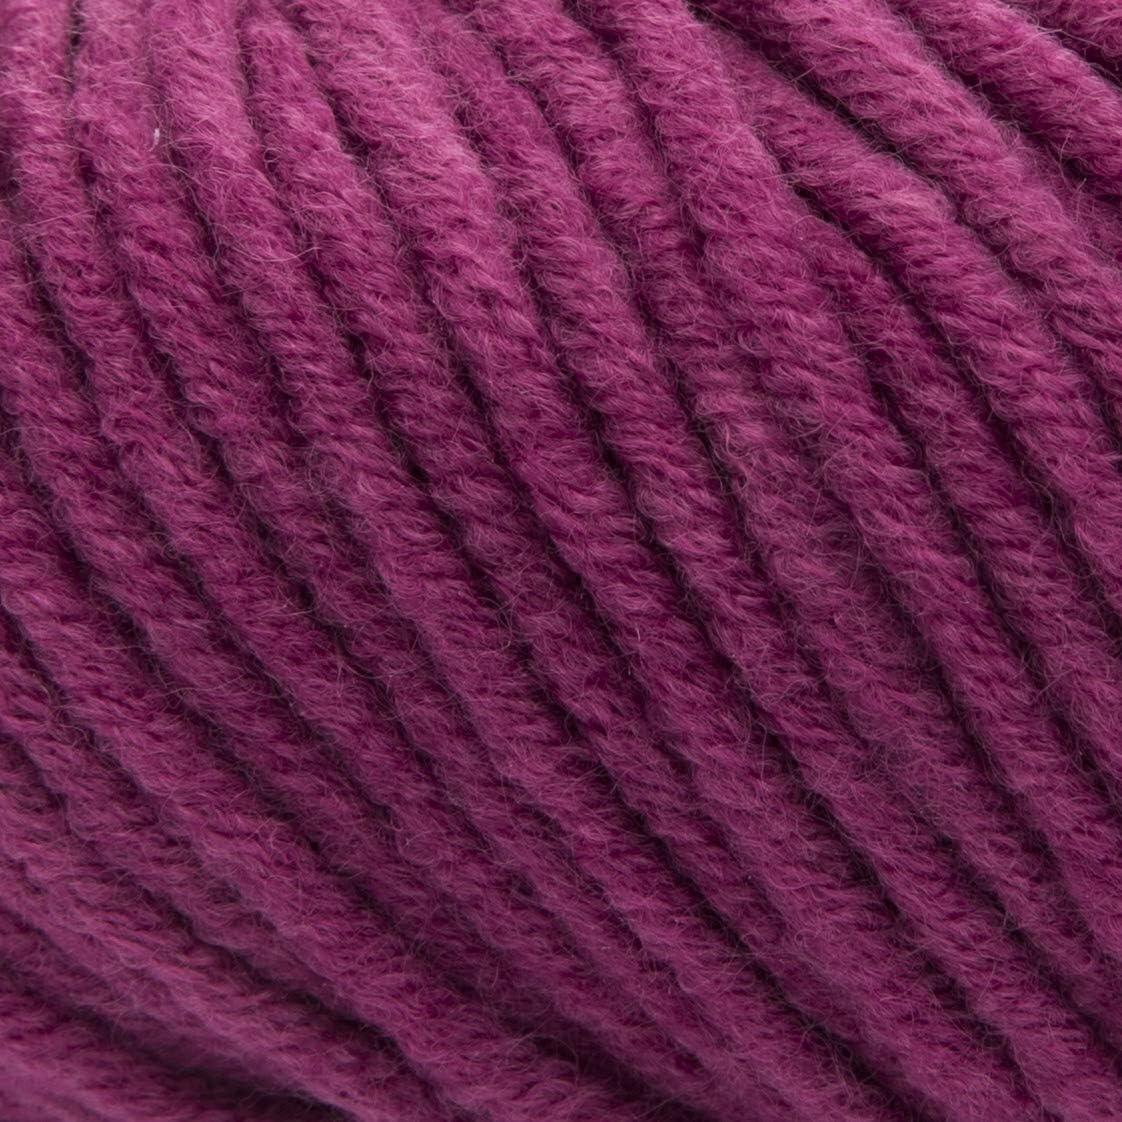 Nadelst/ärke 7-8 Merinowolle Mischung Stricken und H/äkeln Farbe:007 Laufl/änge ca.58 m ggh Aspen Dunkelbraun 50g Kn/äuel Verbrauch 600g